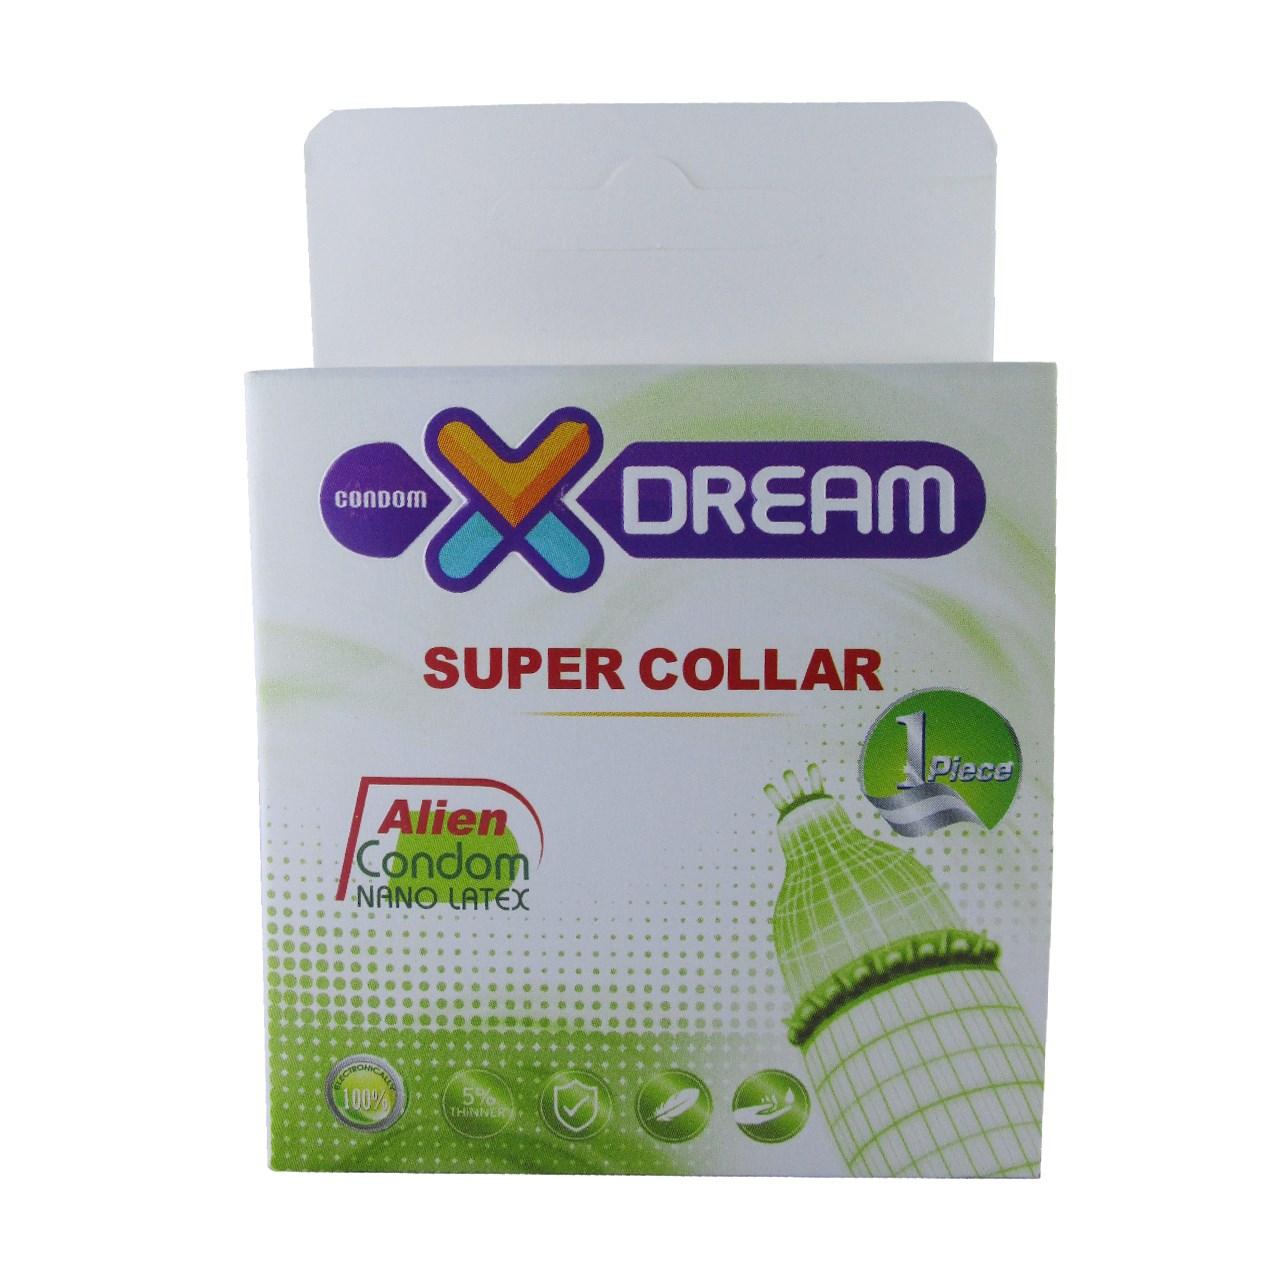 قیمت کاندوم ایکس دریم مدل Super Collar